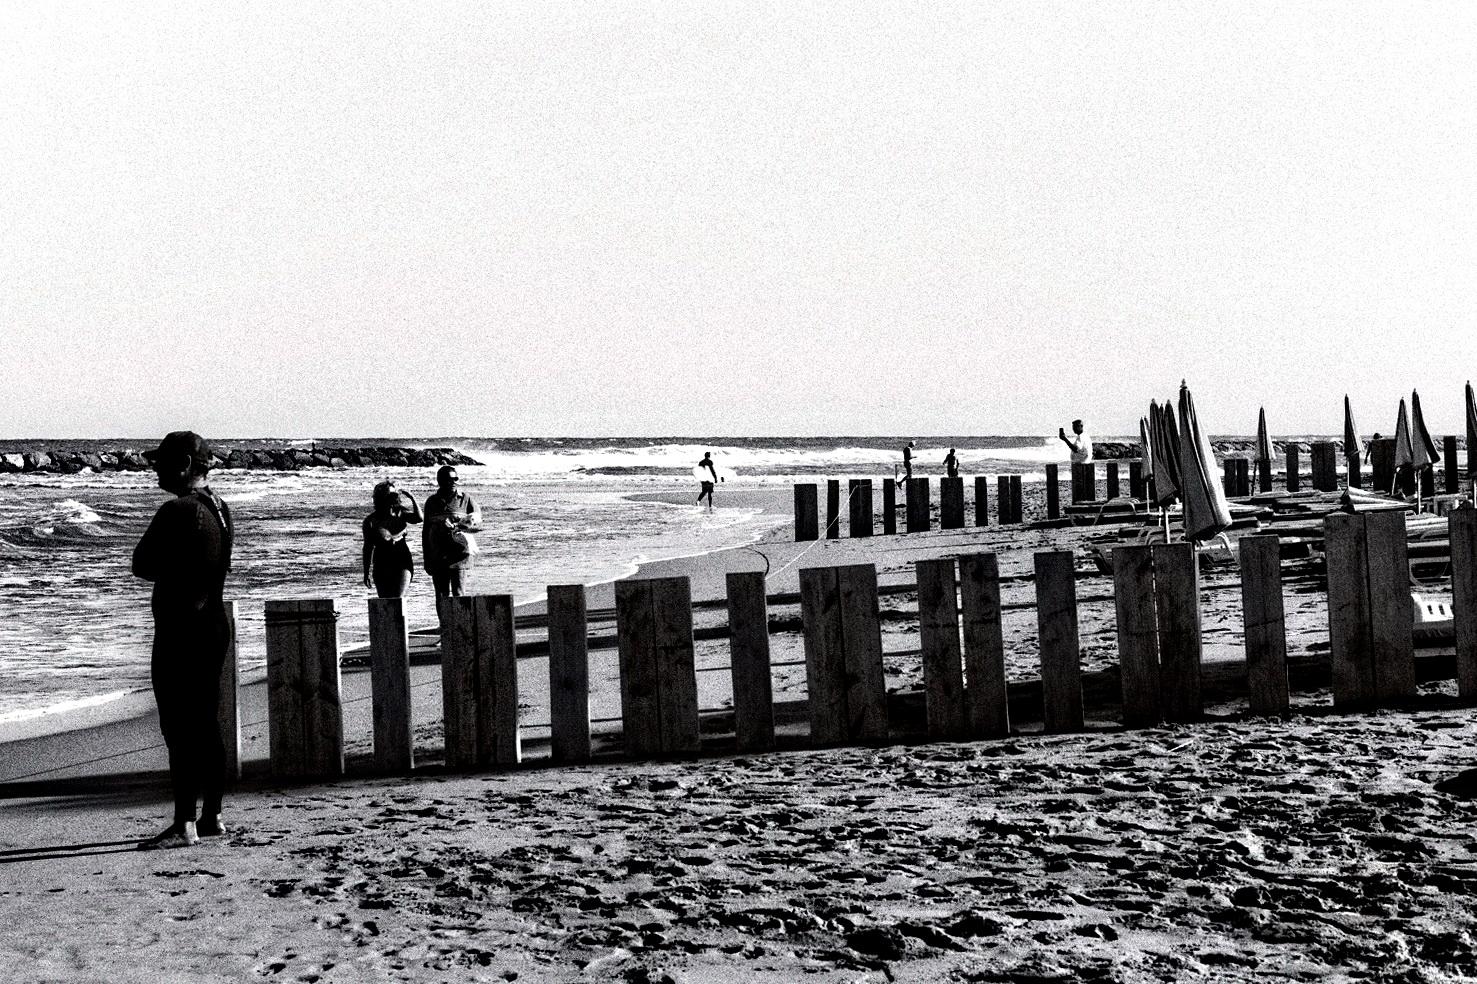 la plage à l'argentique 2